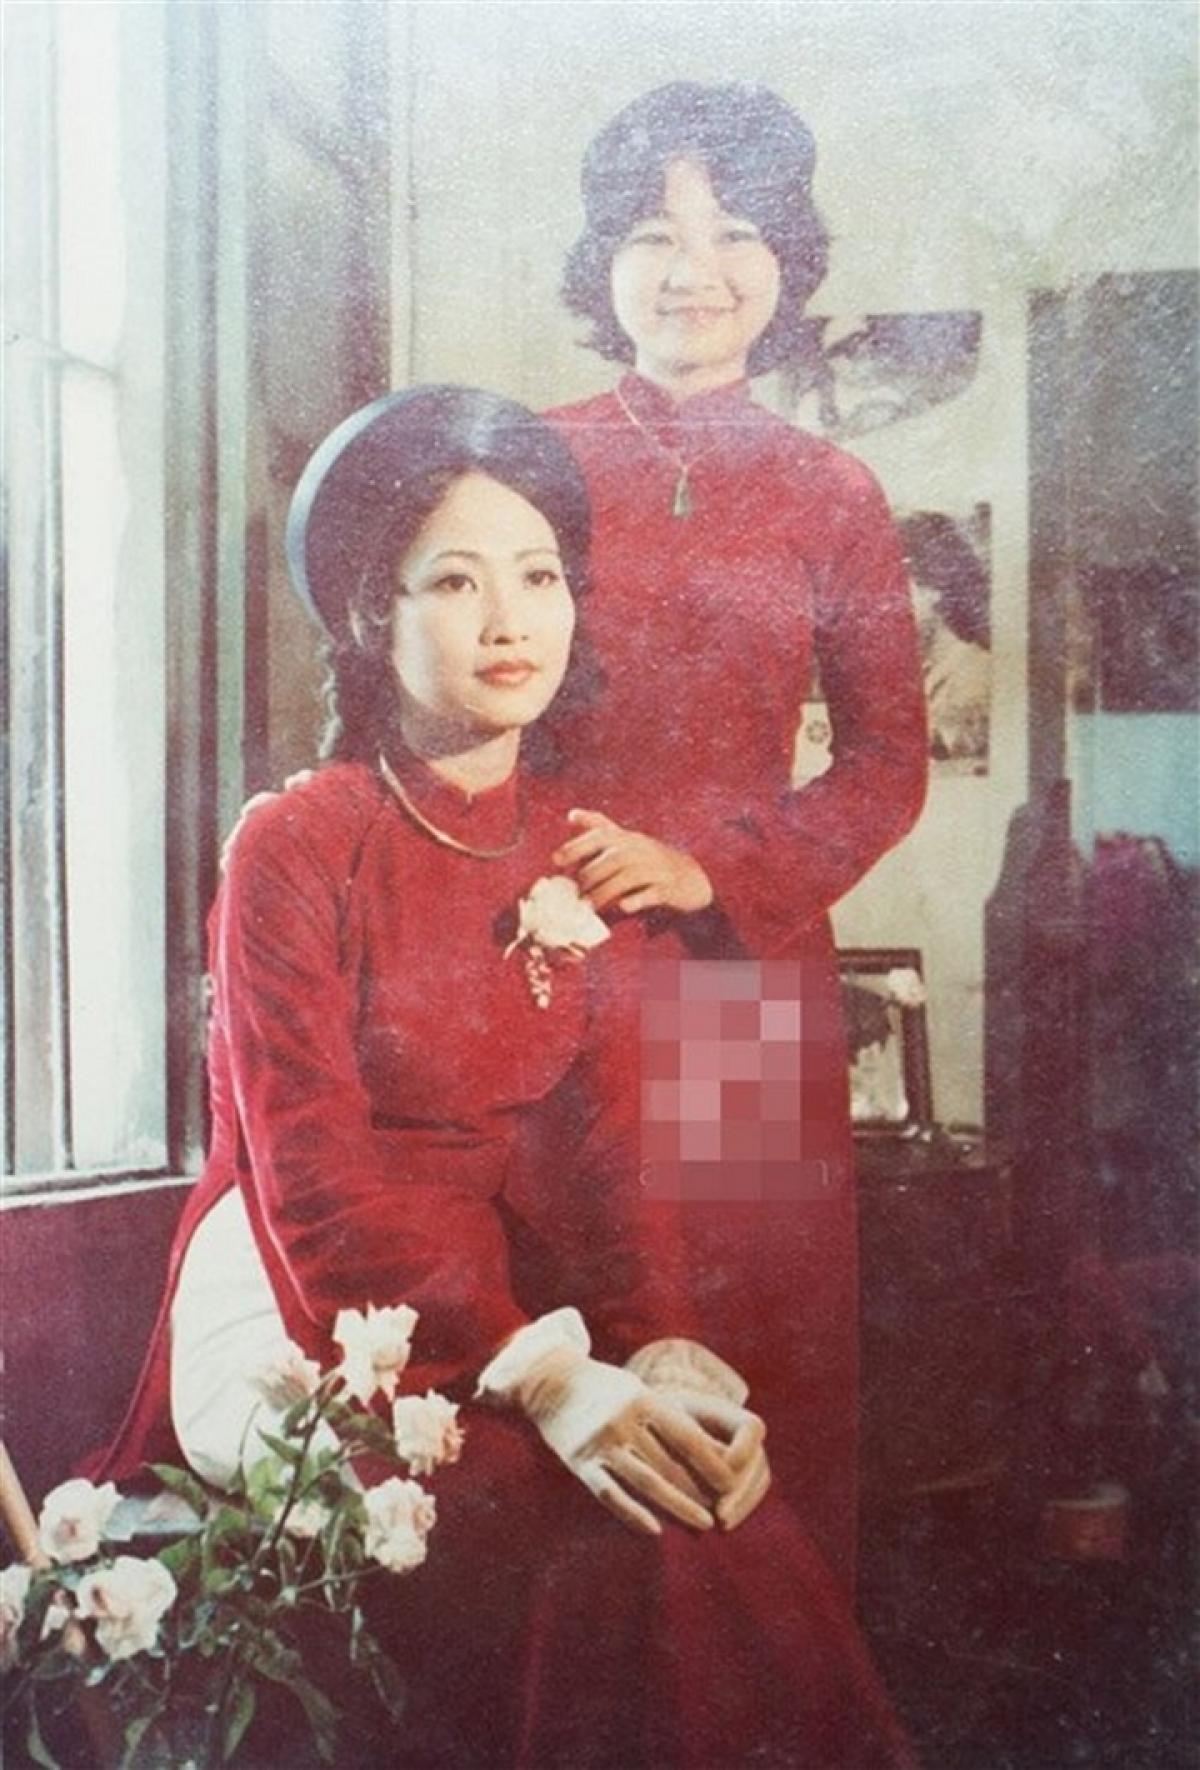 NSND Như Quỳnh xinh đẹp trong ngày cưới.